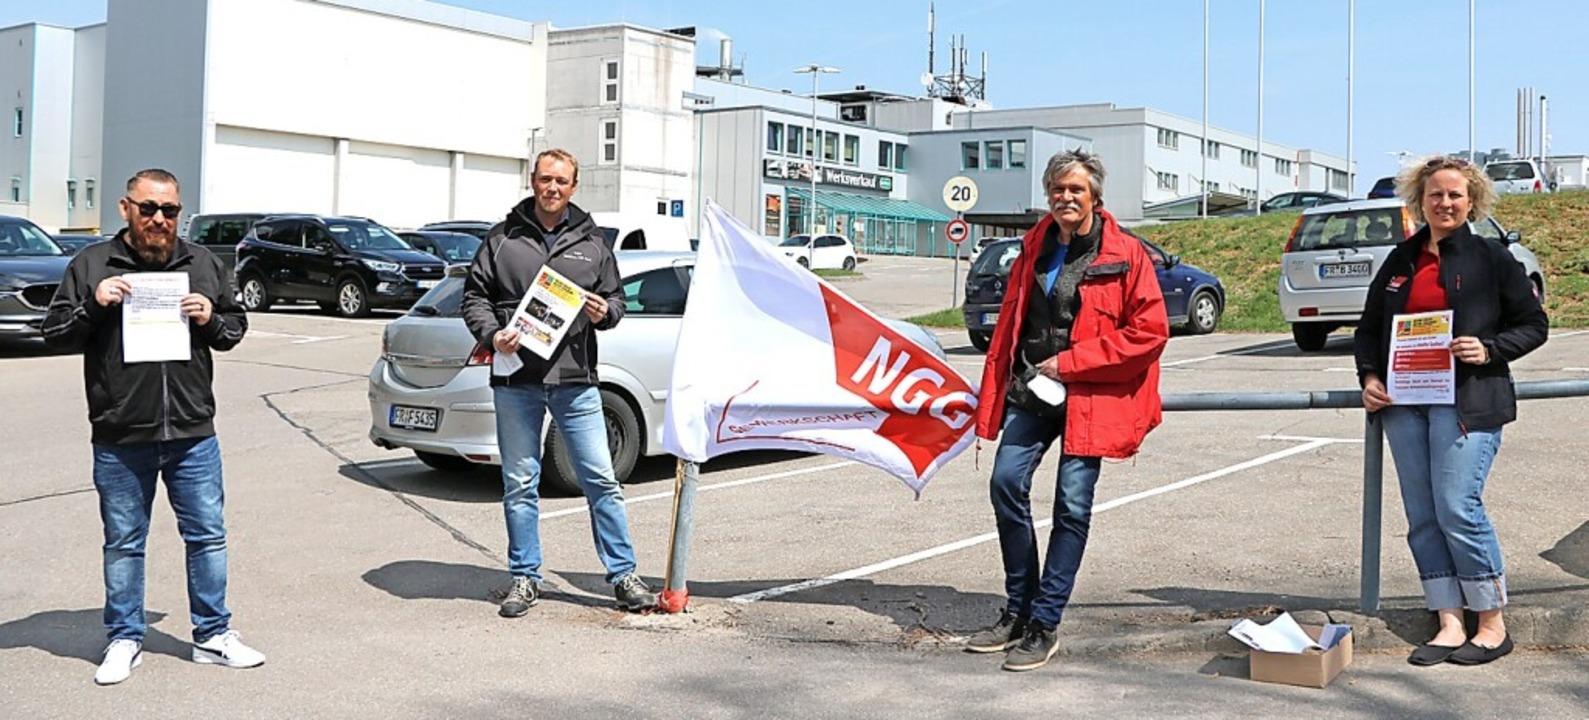 Sven Hildebrandt,  Christian Trompete,...te der Fleischwirtschaft zum Ausdruck.  | Foto: Martha Weishaar